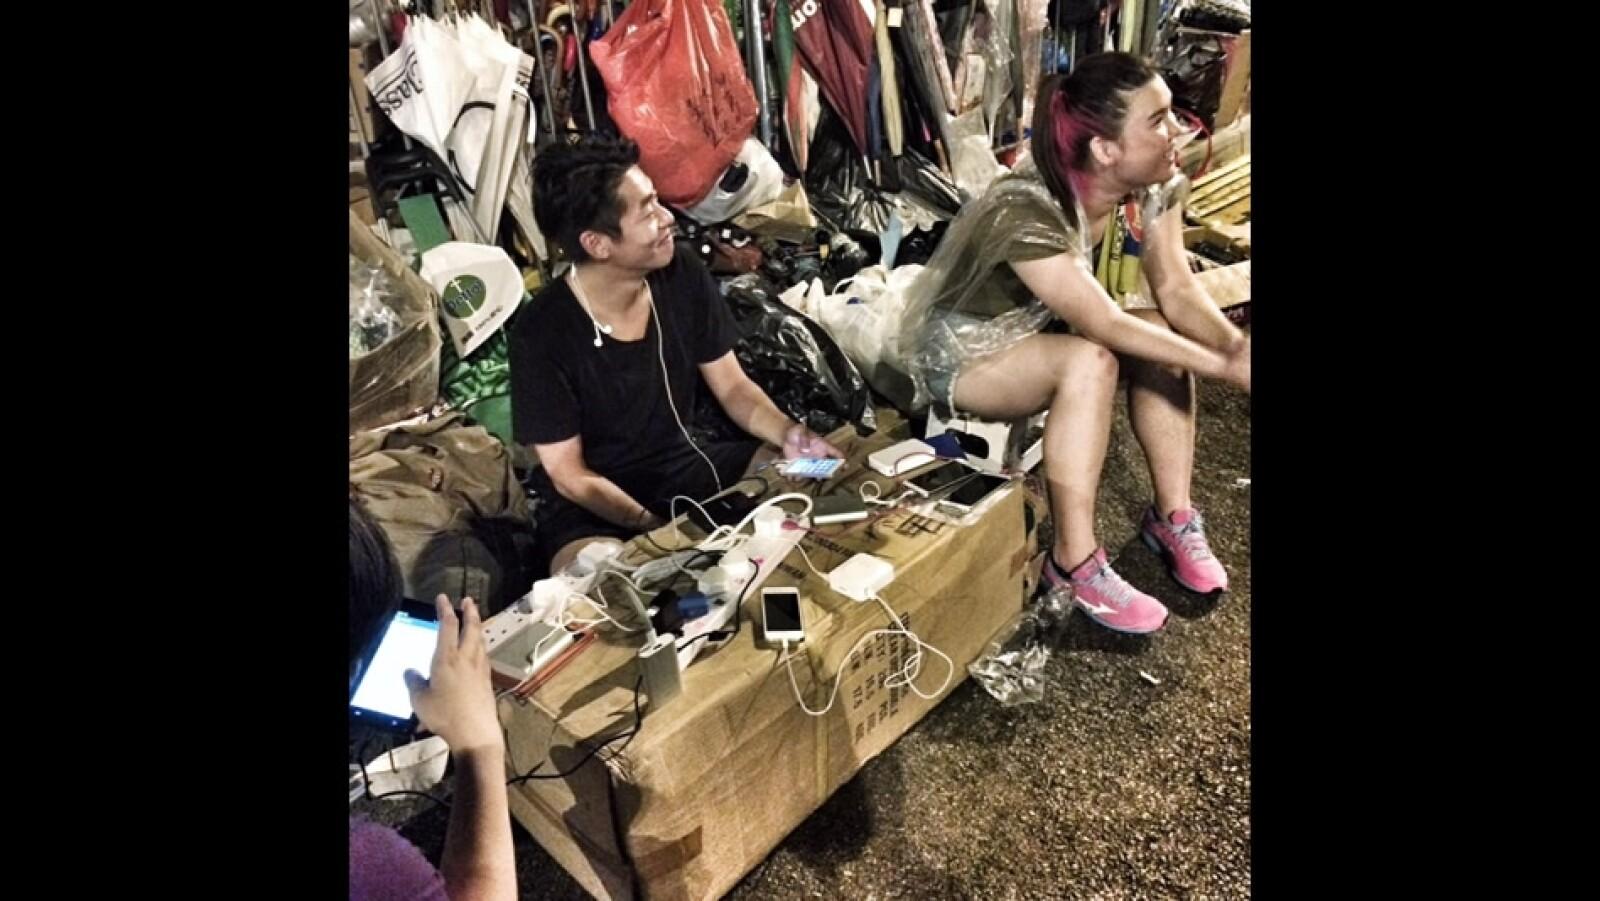 Hong Kong enchufes protestas conexion